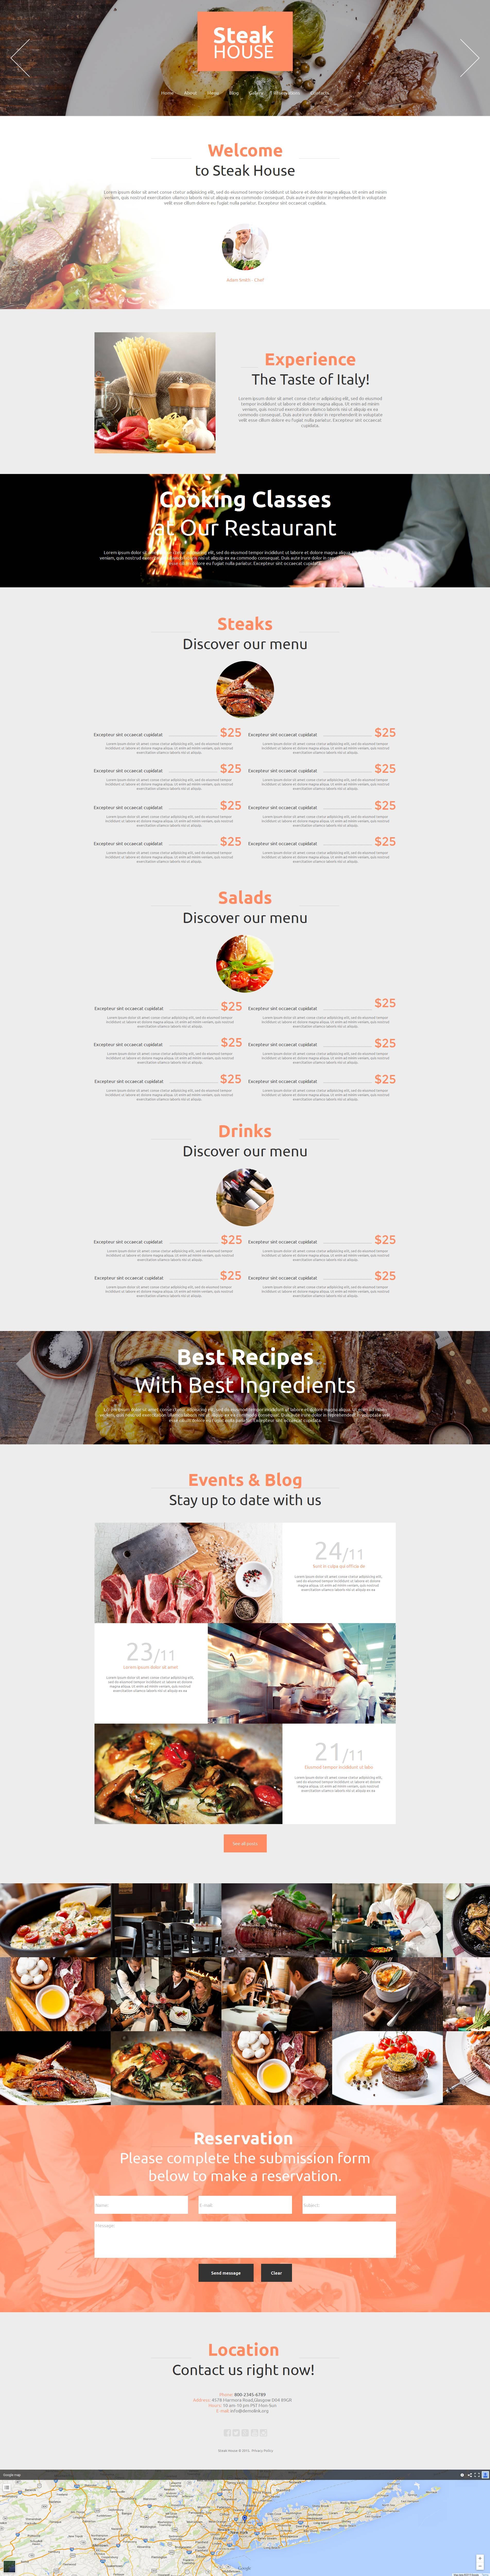 Modello Moto CMS HTML #53234 per Un Sito di Steak House